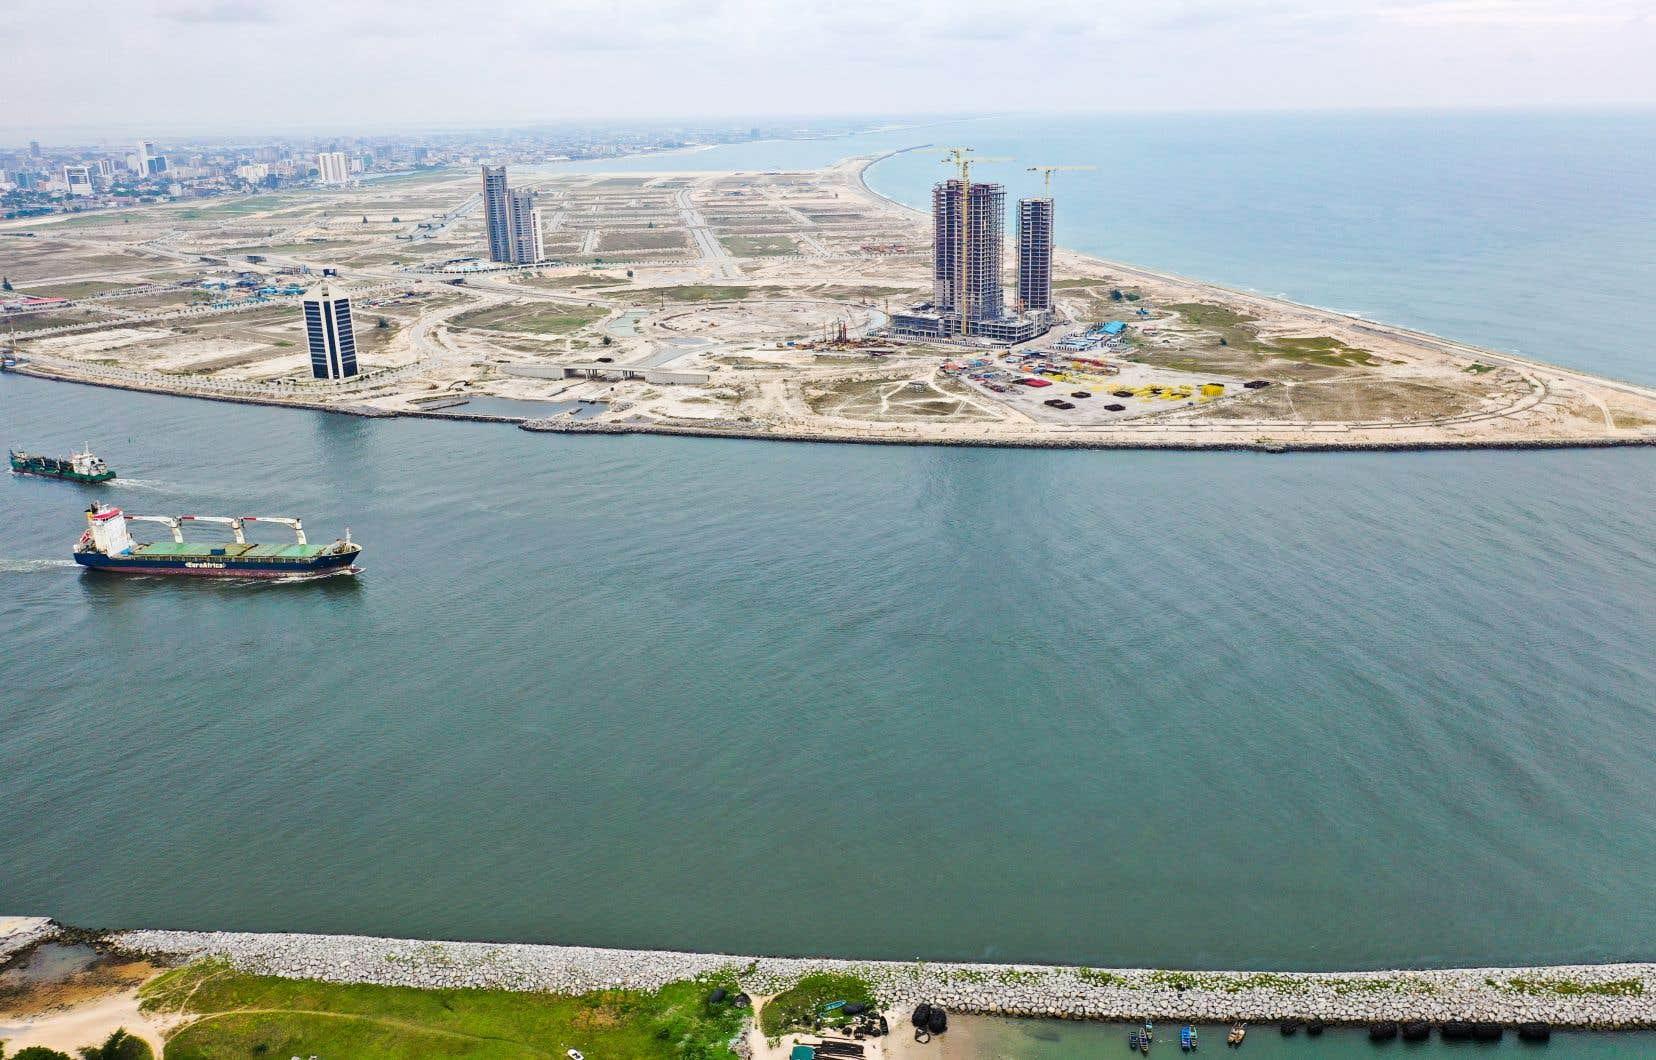 <p>Entre le mur et la côte, sur plus de 6,5 kilomètres carrés, les développeurs ont réensablé l'océan avec plus de 100millions de tonnes de sable draguées des fonds de la mer pour fonder Eko Atlantic, quartier «afro-futuriste» d'où s'élèveront, ils le promettent, les plus hauts gratte-ciel du continent.</p>